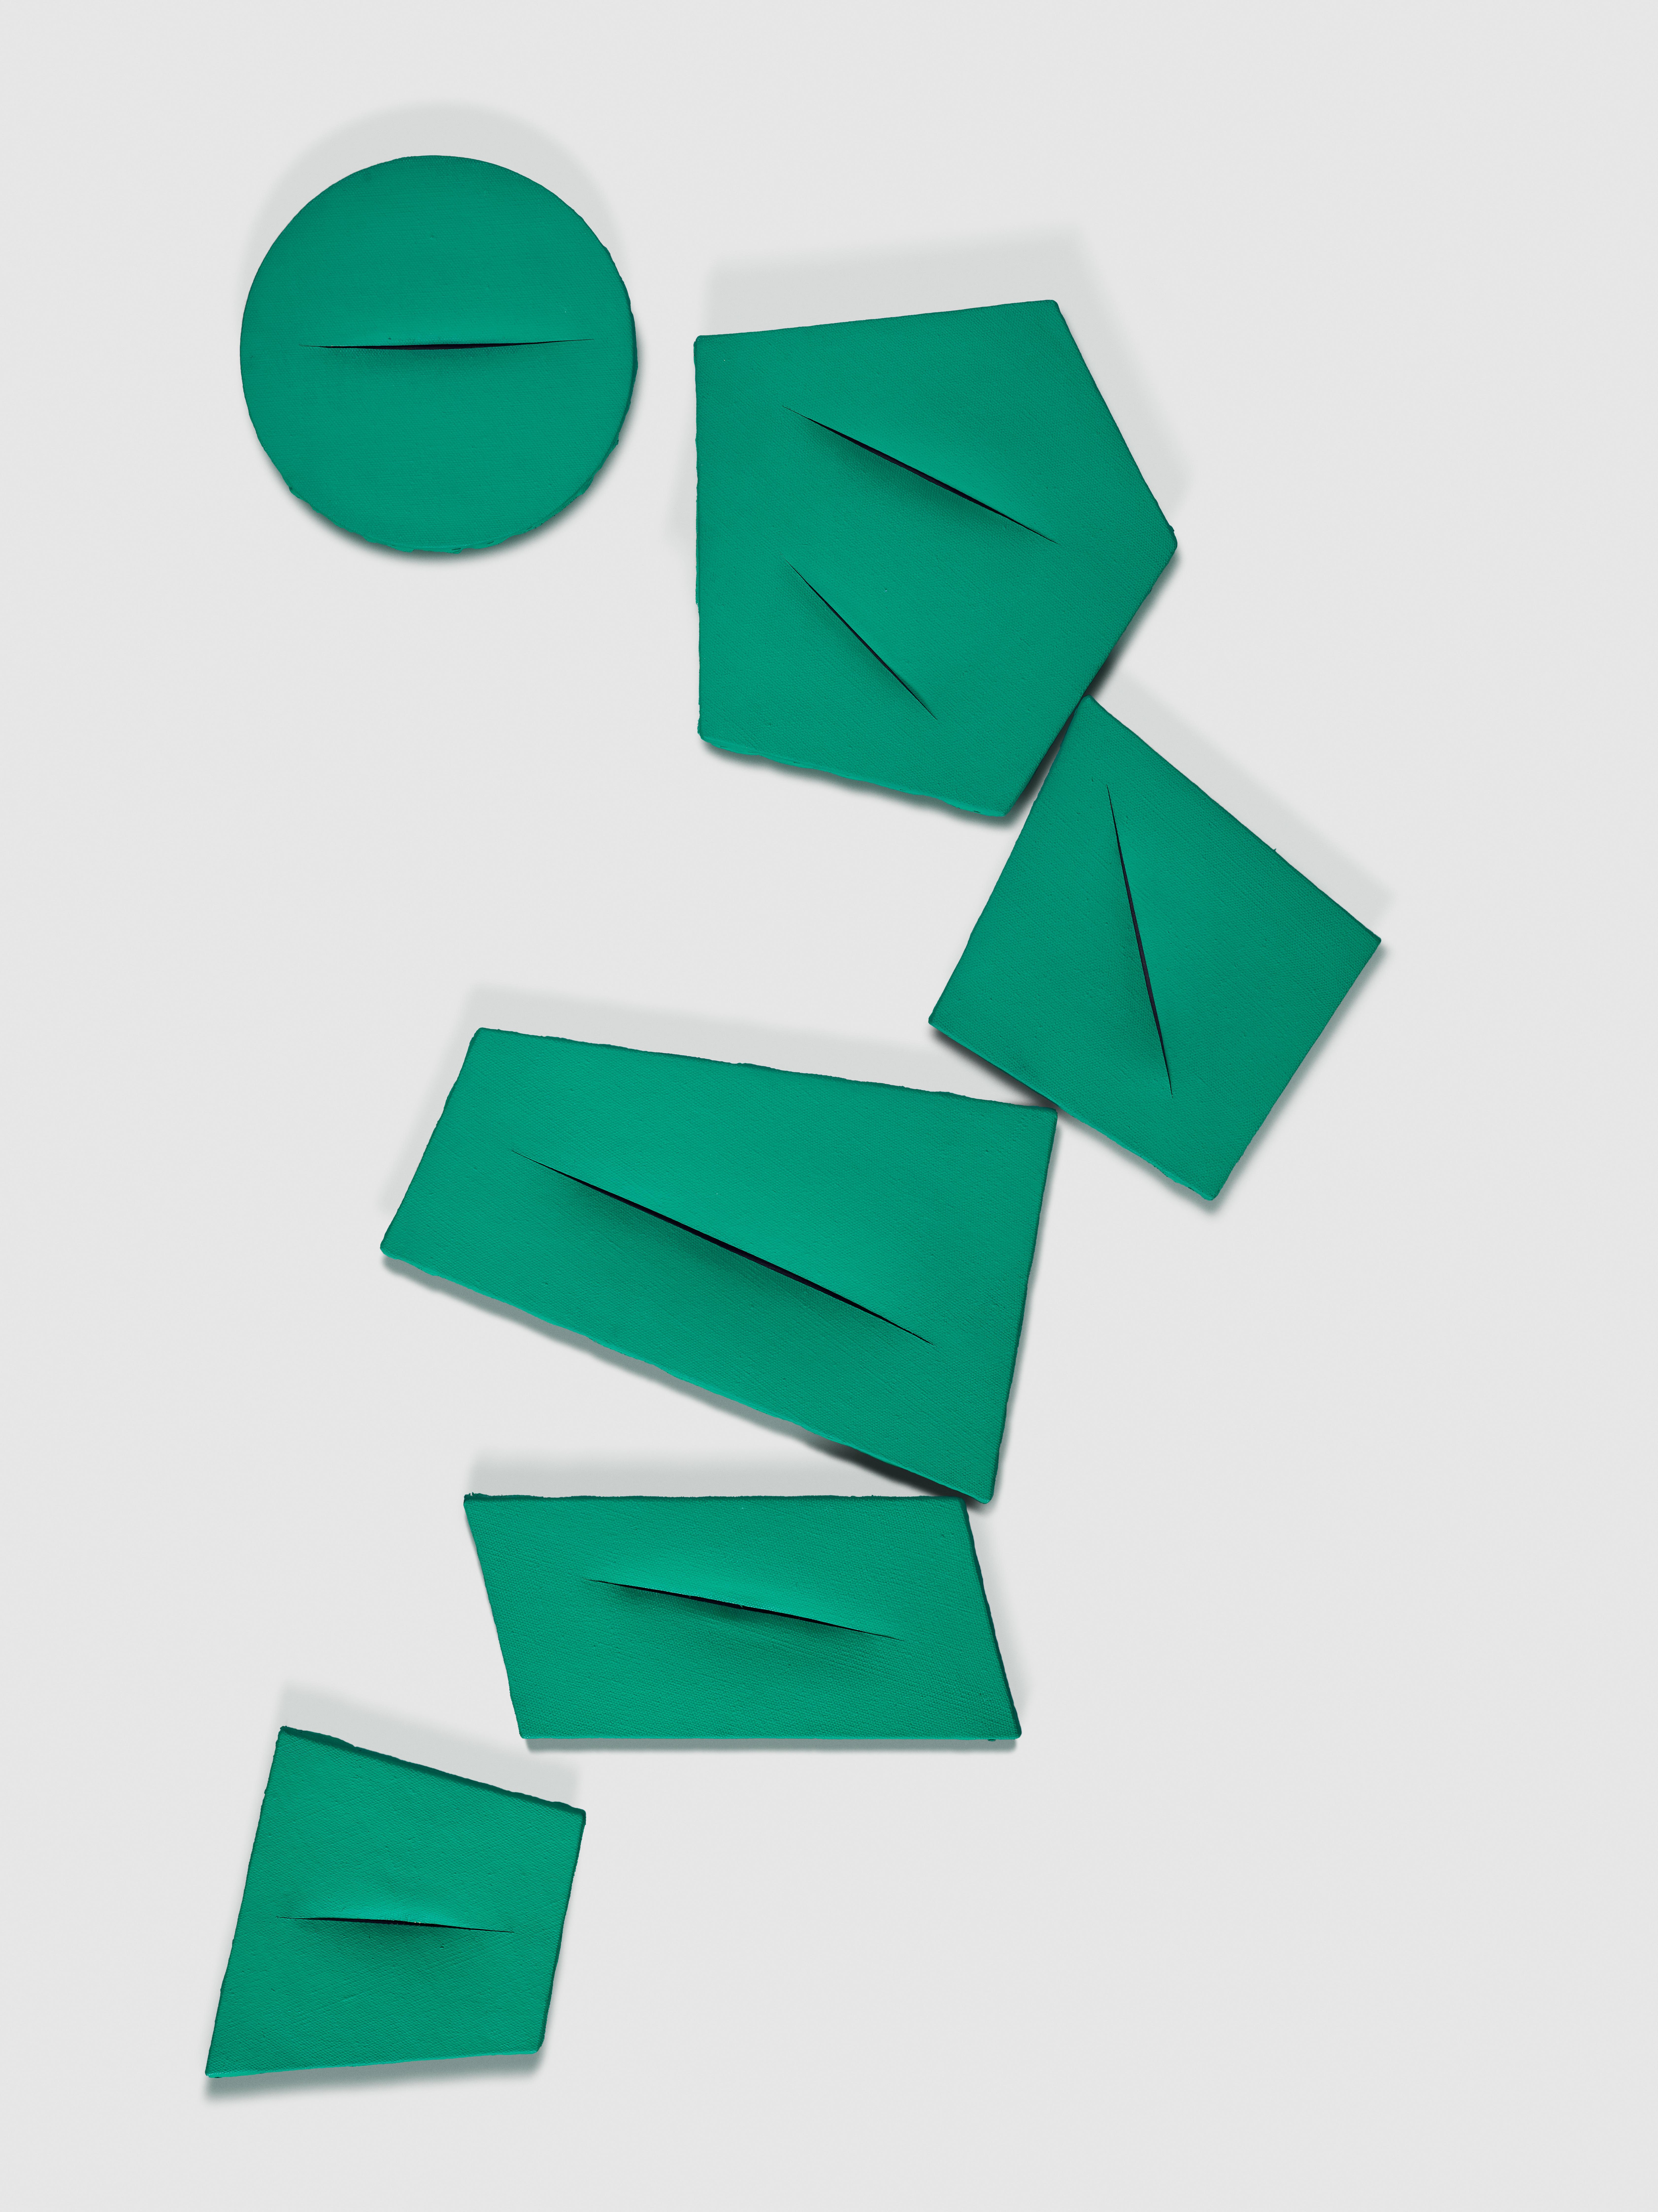 04-spatial-concept-the-quanta